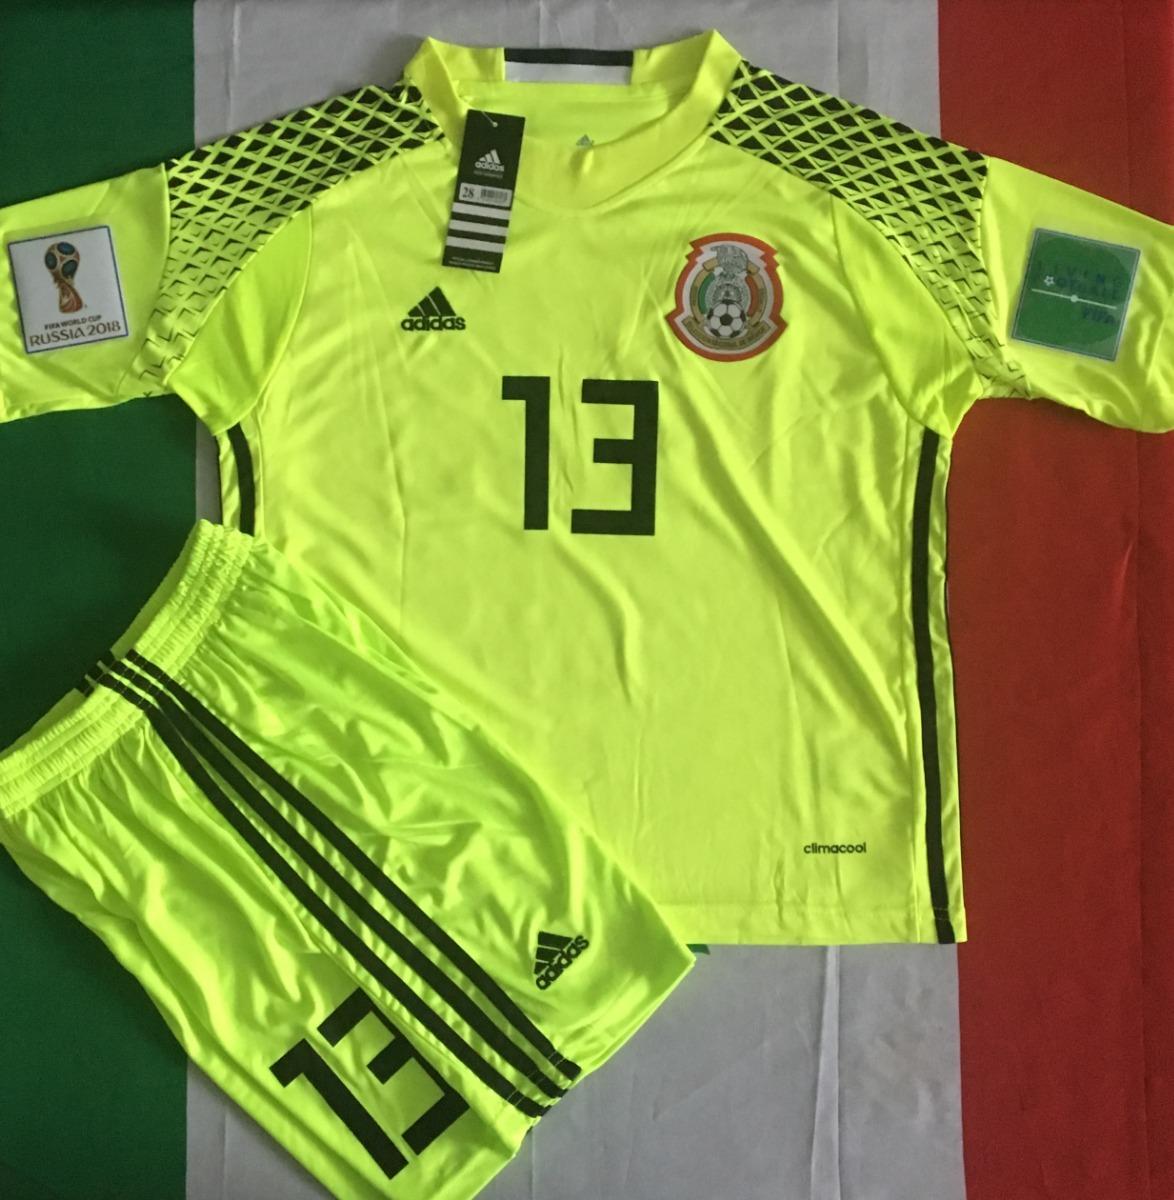 901e9641062d1 Increible uniforme portero mexico ochoa niño limon parches cargando zoom  jpg 1174x1200 Niños para uniforme portero